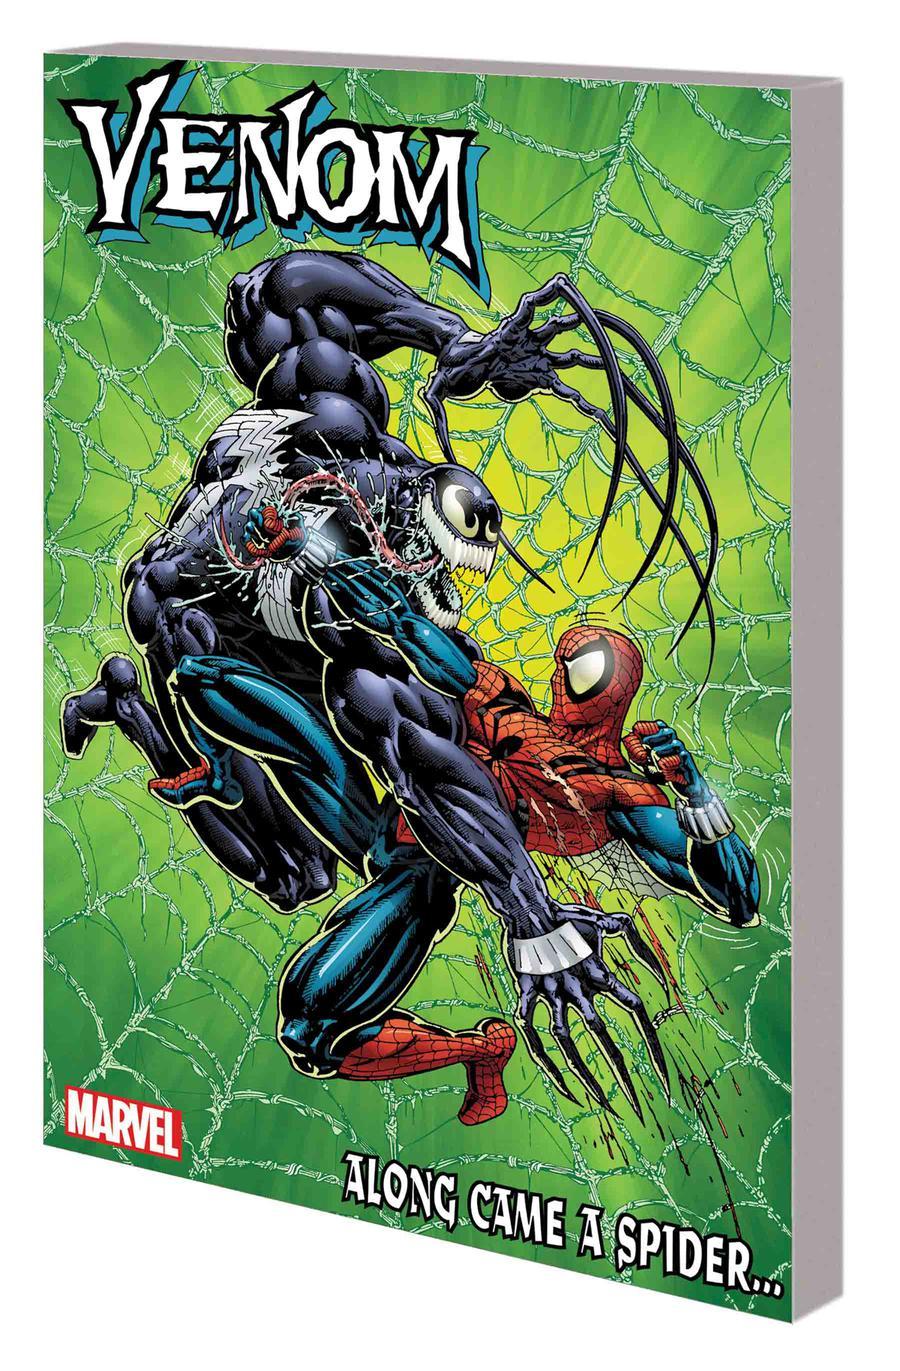 Venom Along Came A Spider TP